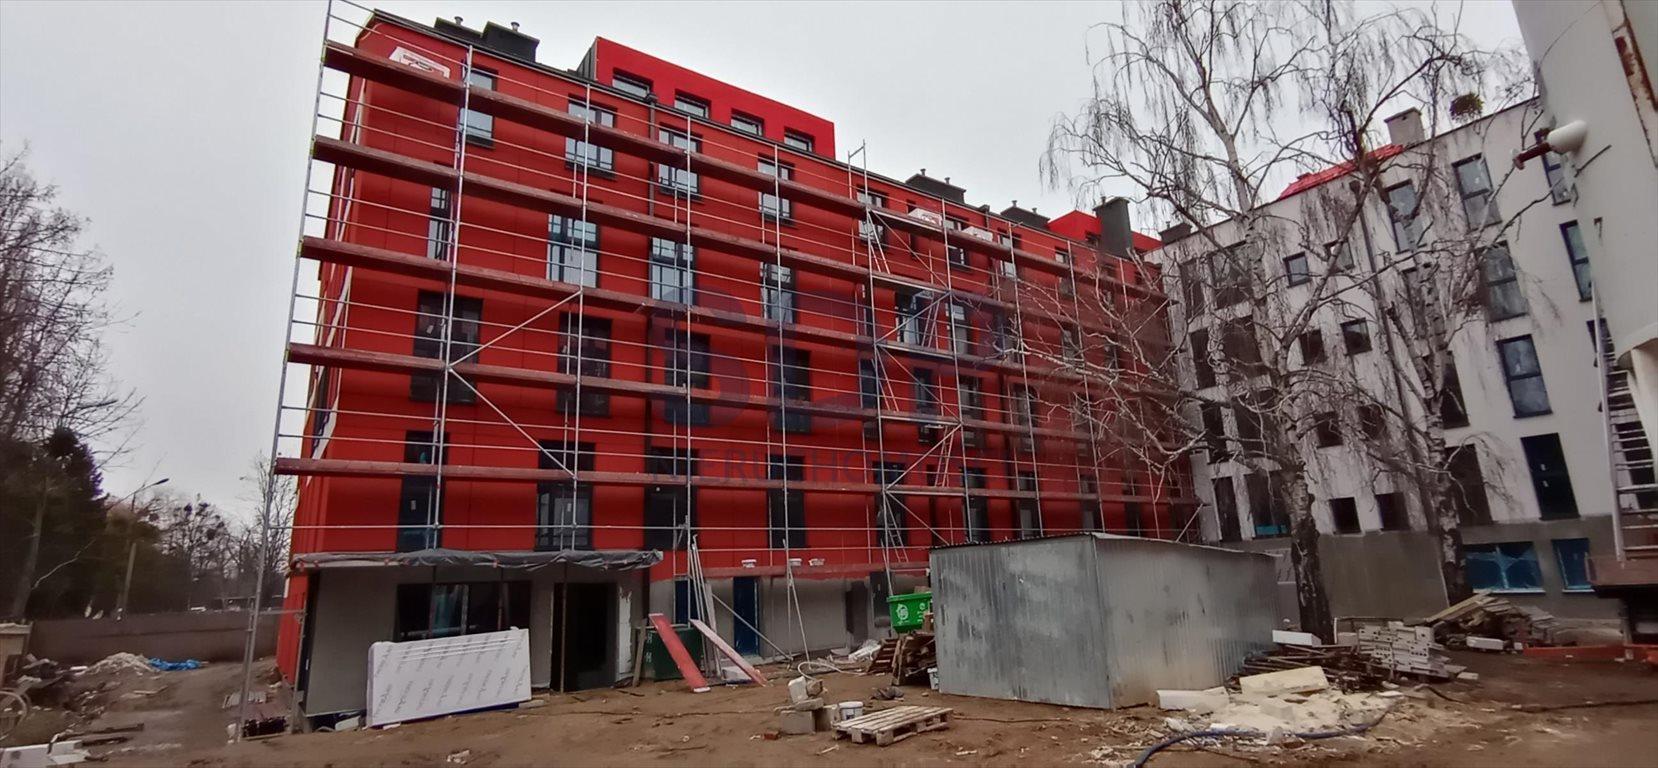 Lokal użytkowy na sprzedaż Wrocław, Psie Pole, Karłowice, ok. Sołtysowickiej  163m2 Foto 13